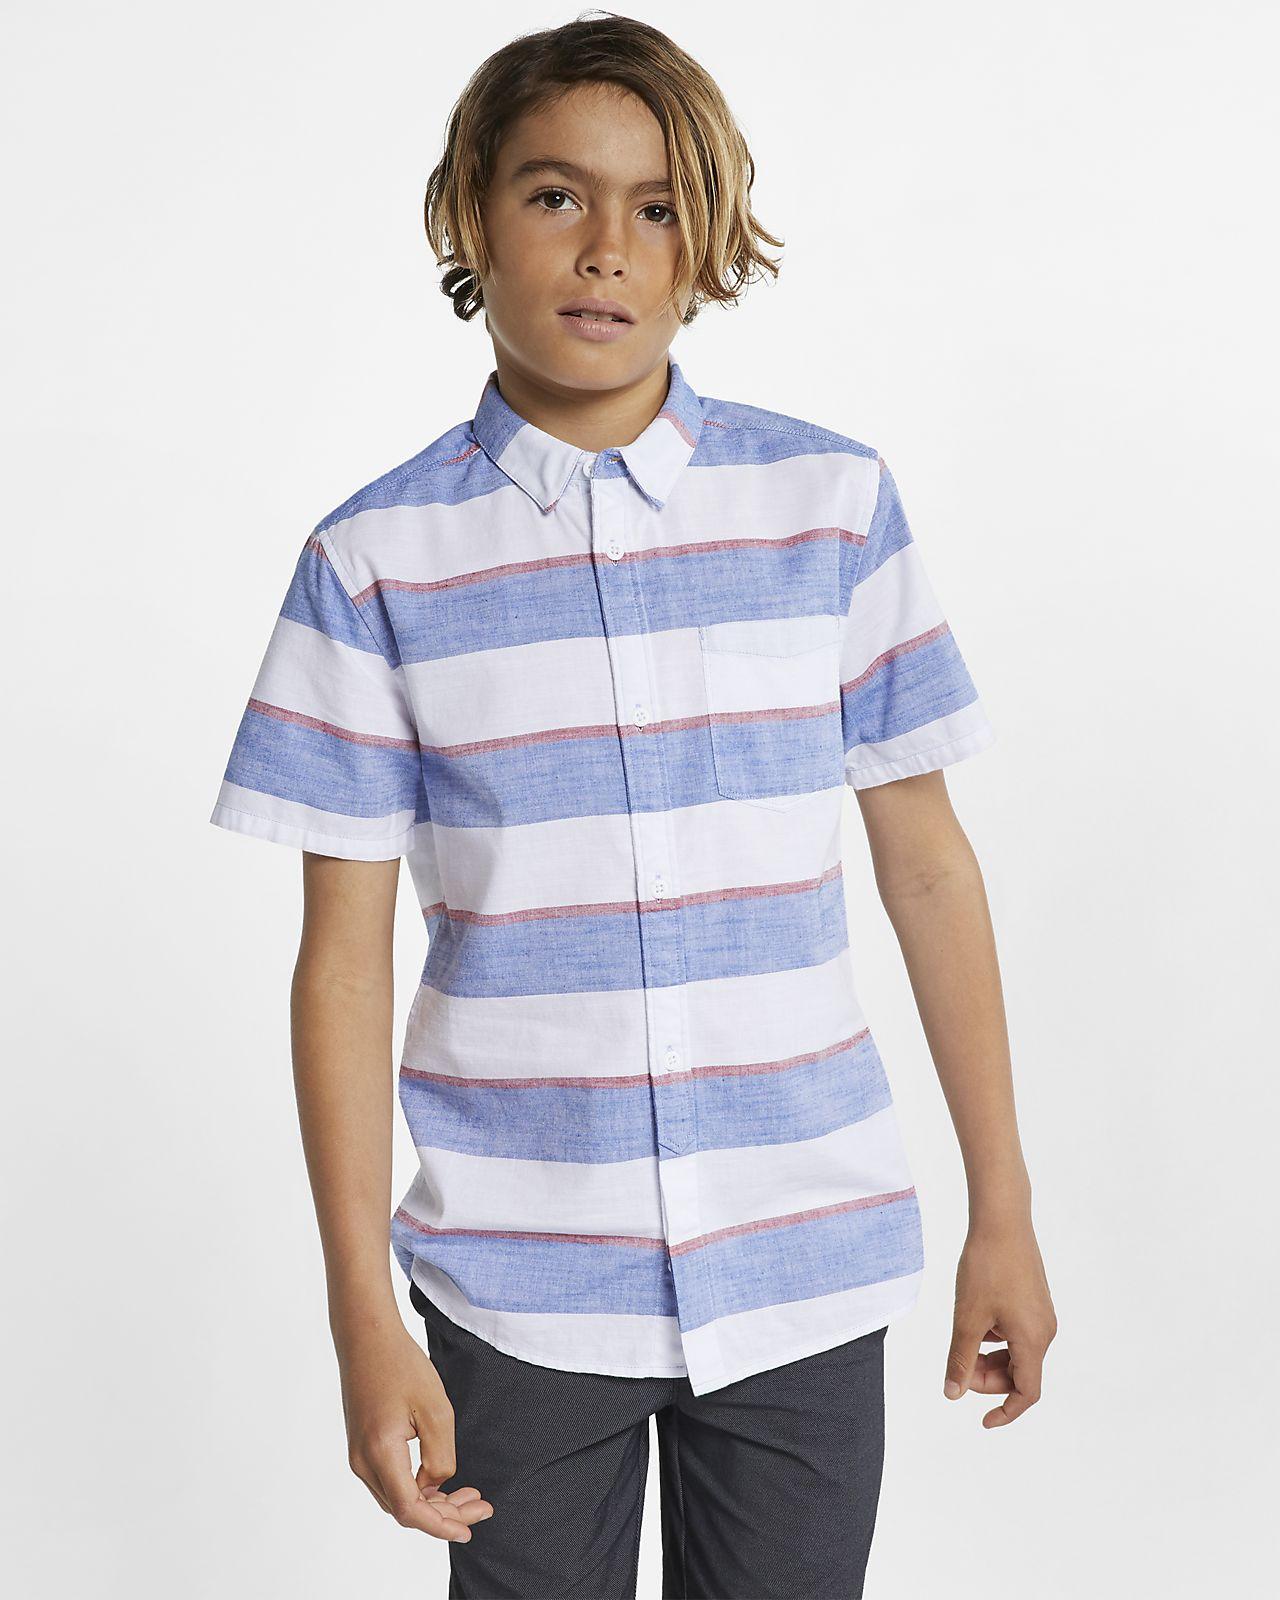 Camicia a righe con bottoni Hurley Blocked - Bambino/Ragazzo